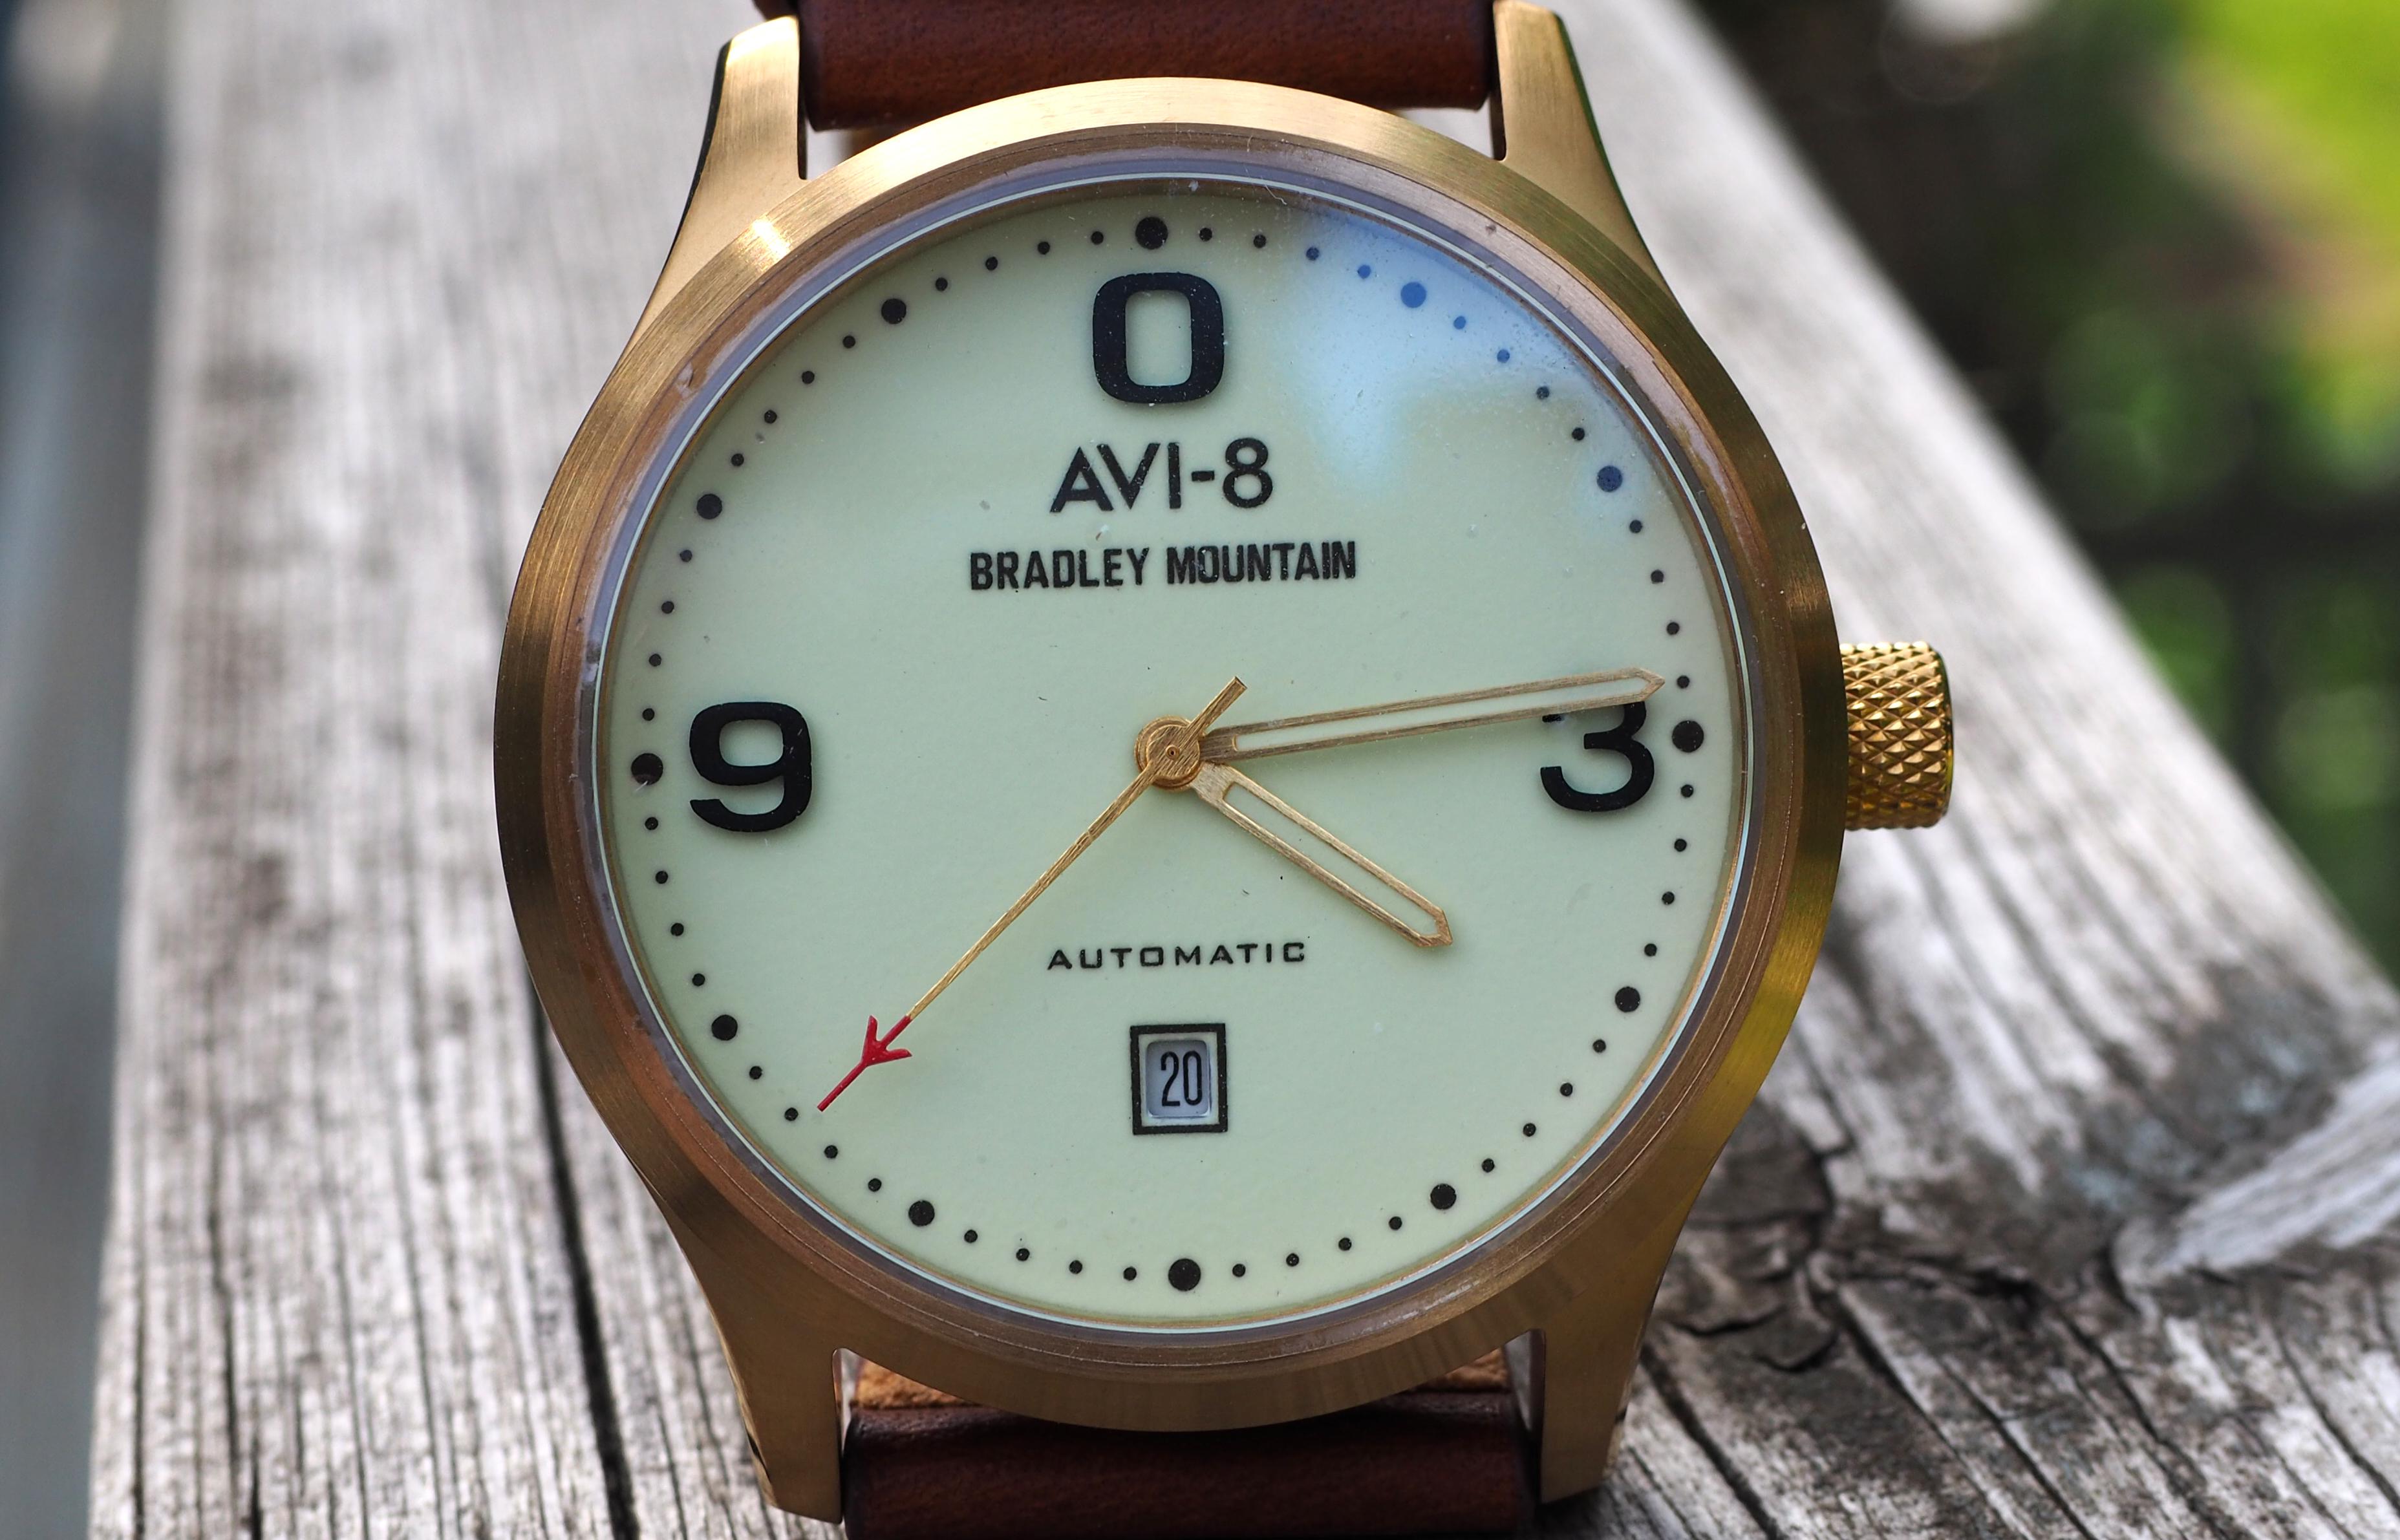 AVI-8 X Bradley Close Up Of Dial